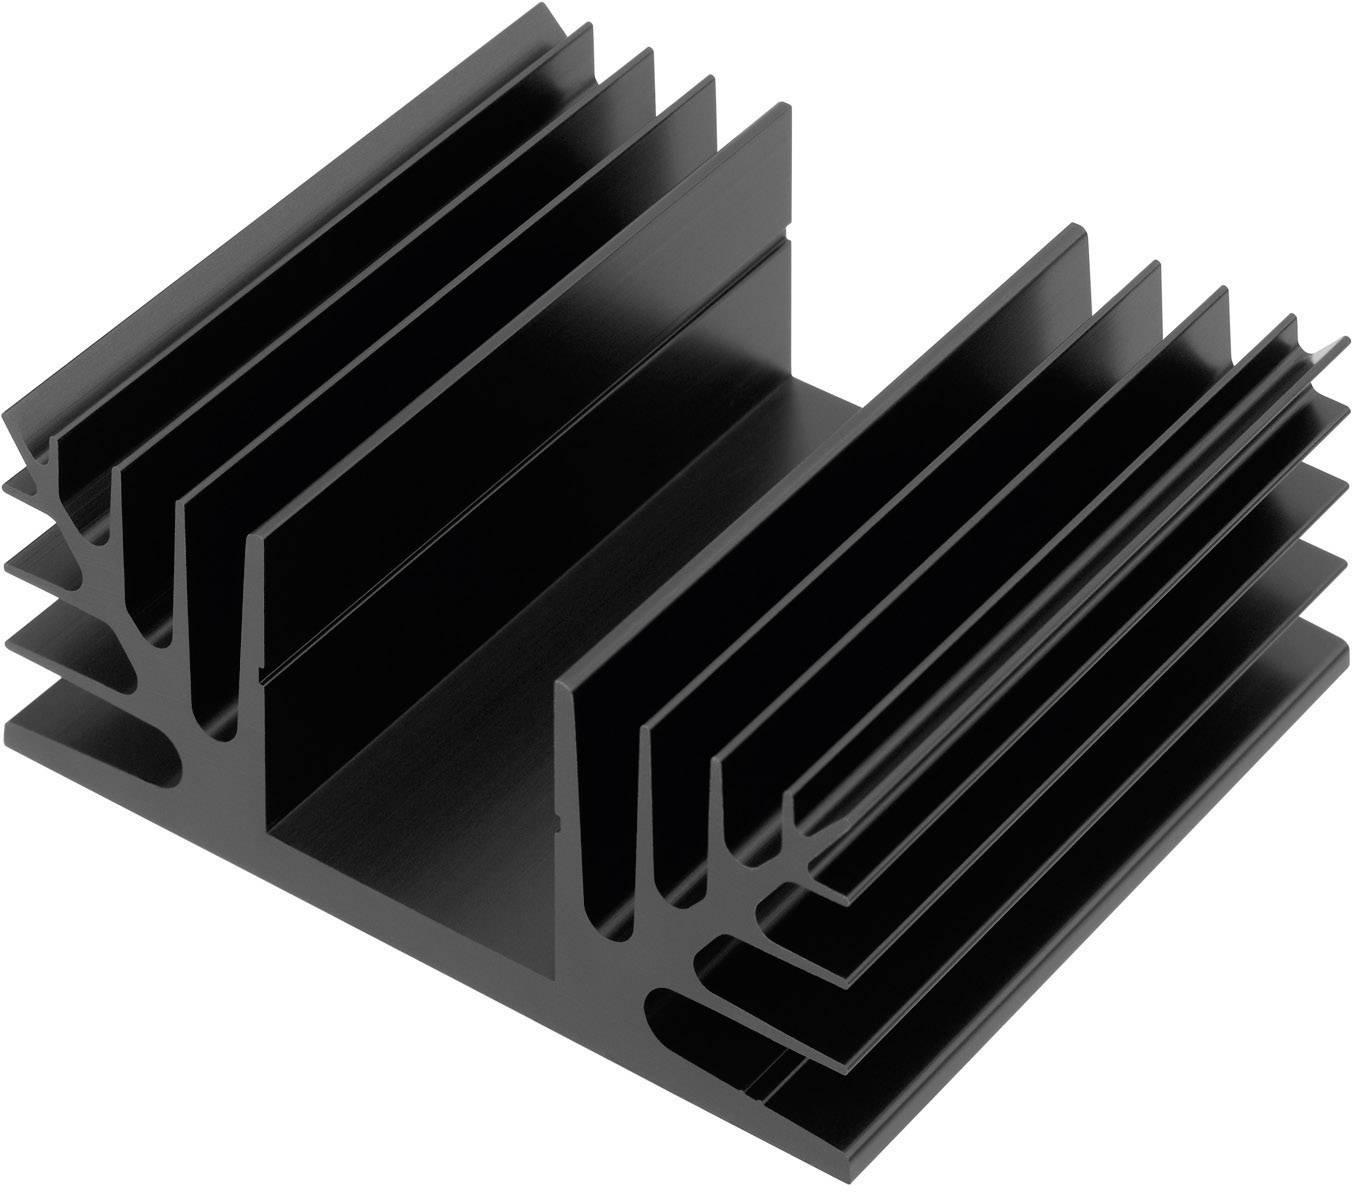 Chladič CTX Thermal Solutions CTX08/100 CTX08/100, 1.5 K/W, (d x š x v) 100 x 88 x 35 mm